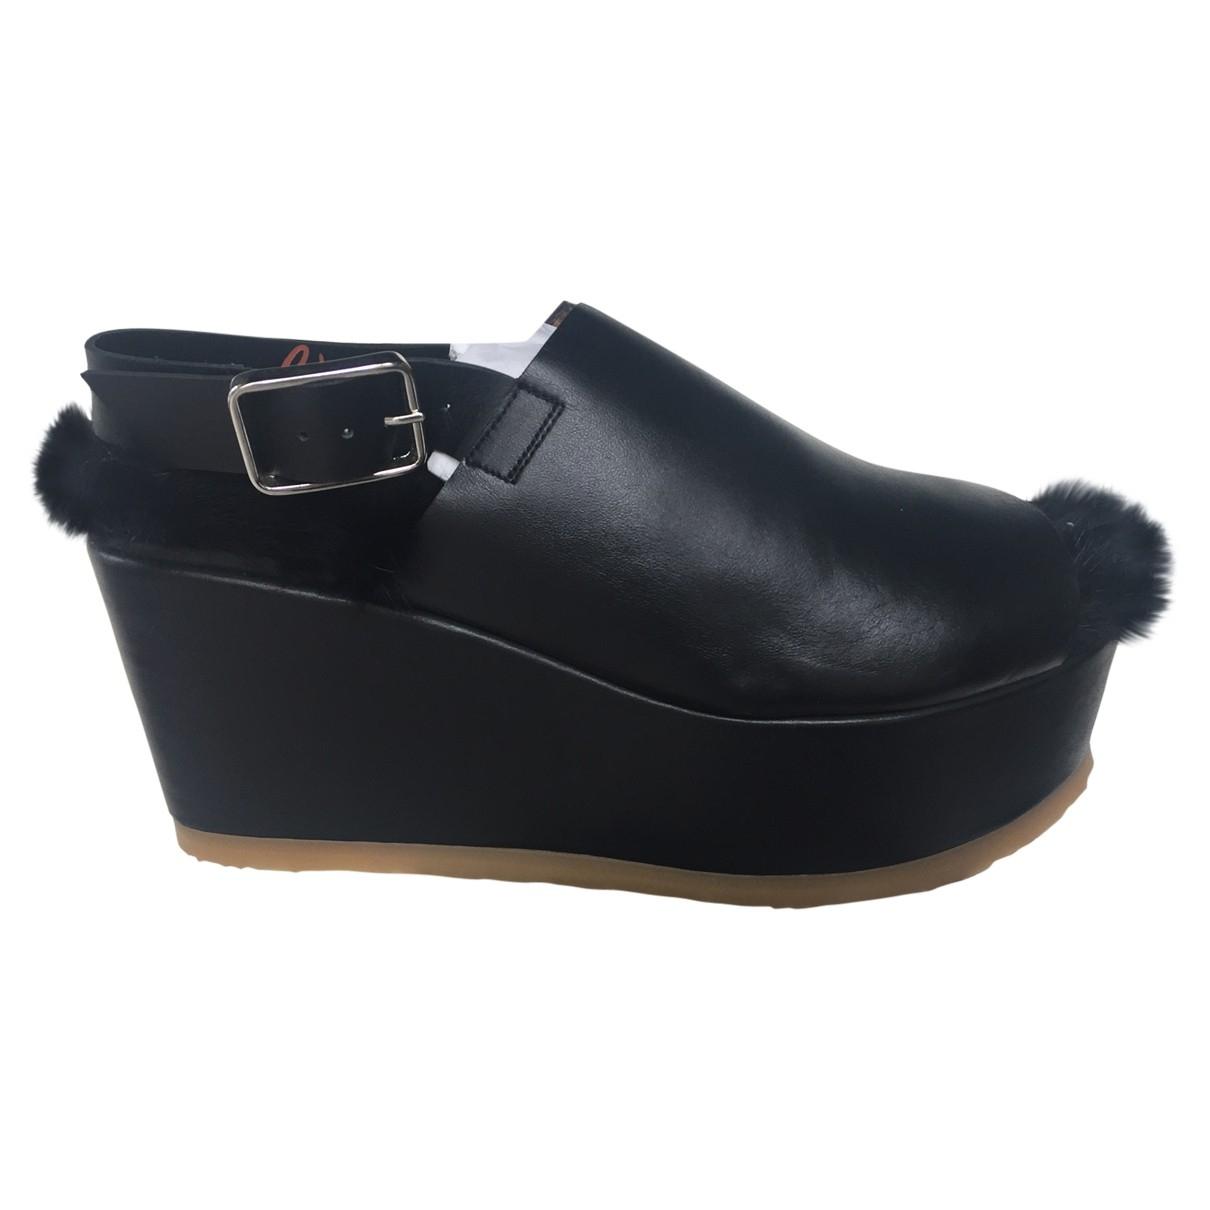 Castaner \N Black Leather Sandals for Women 38 EU